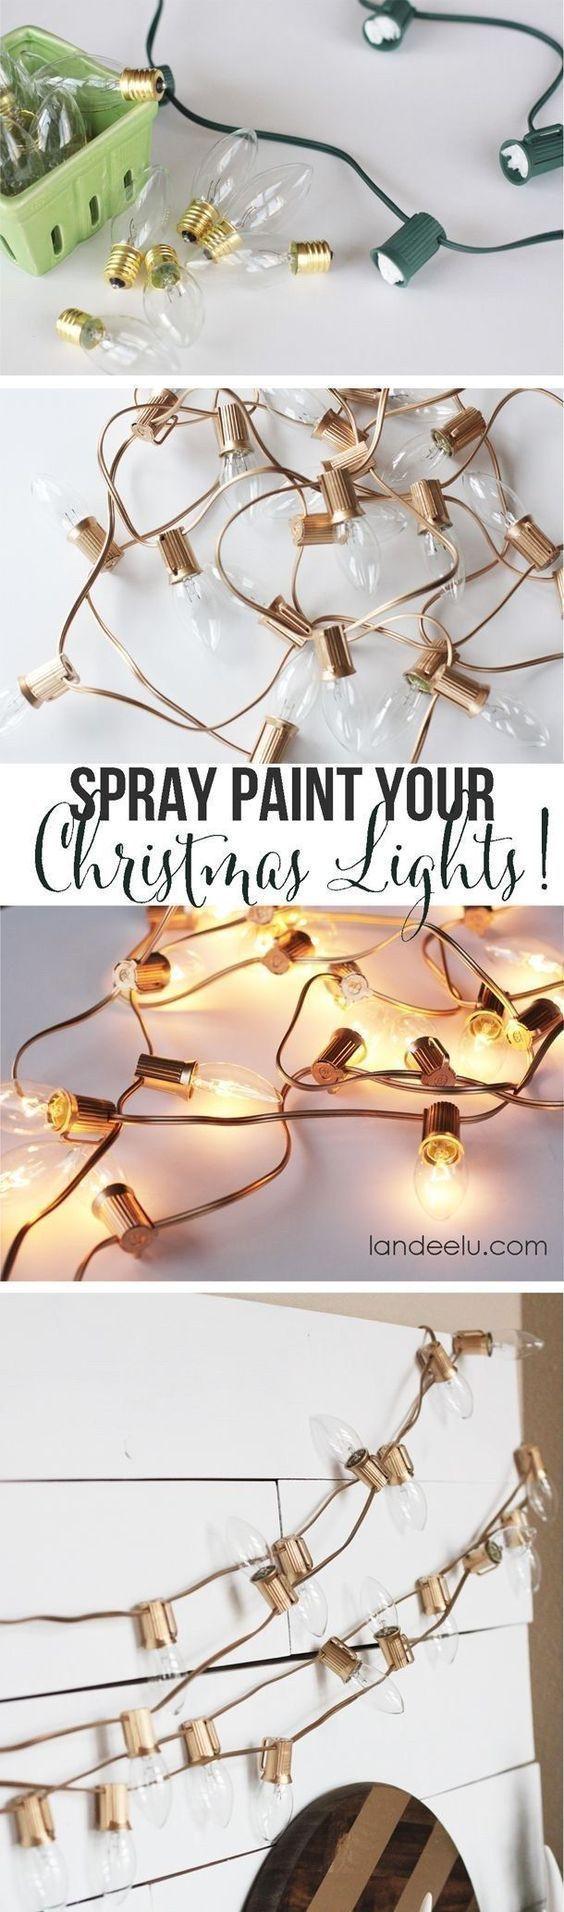 The 414 best Energy Efficient Cool Paint images on Pinterest ...